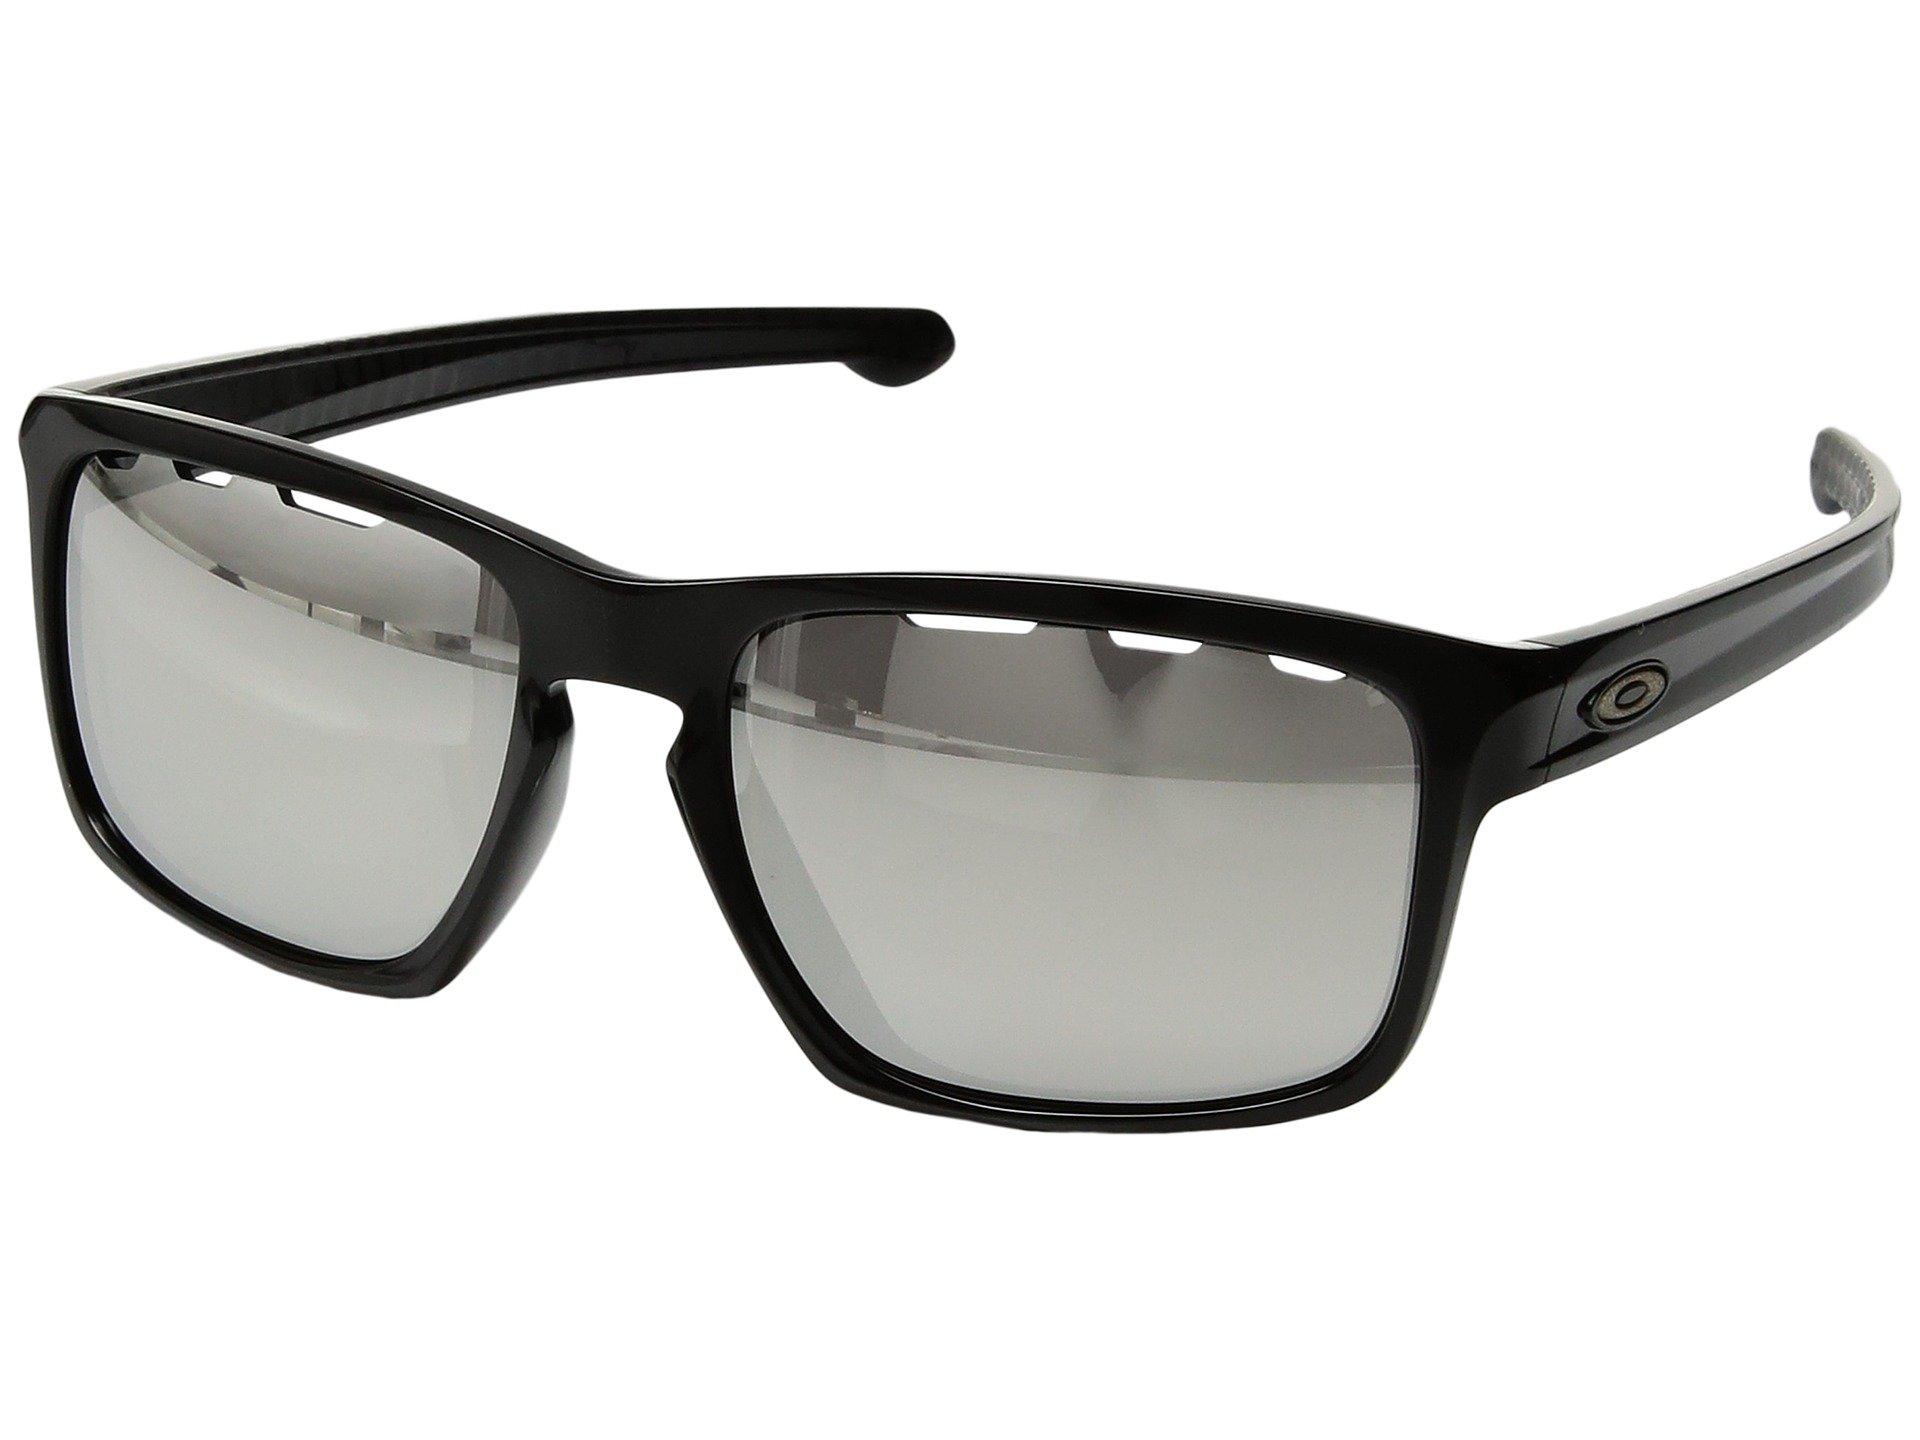 Gafas para Hombre Oakley (A) Sliver  + Oakley en VeoyCompro.net